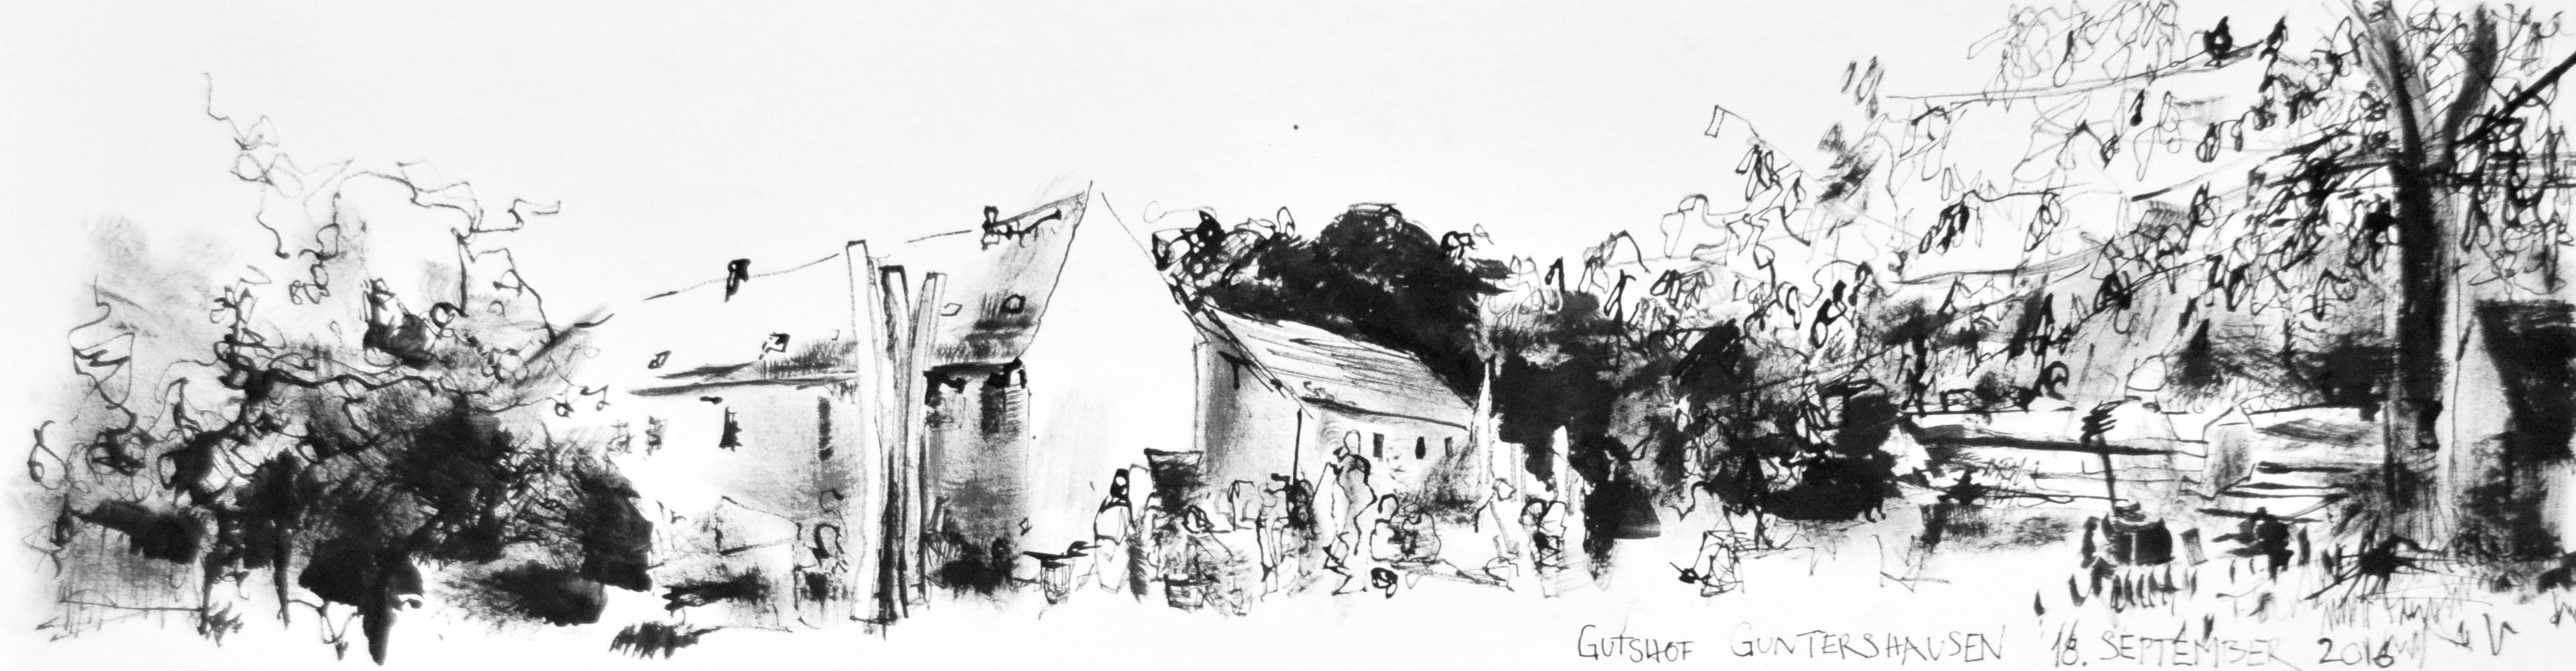 Hofgut Guntershausen